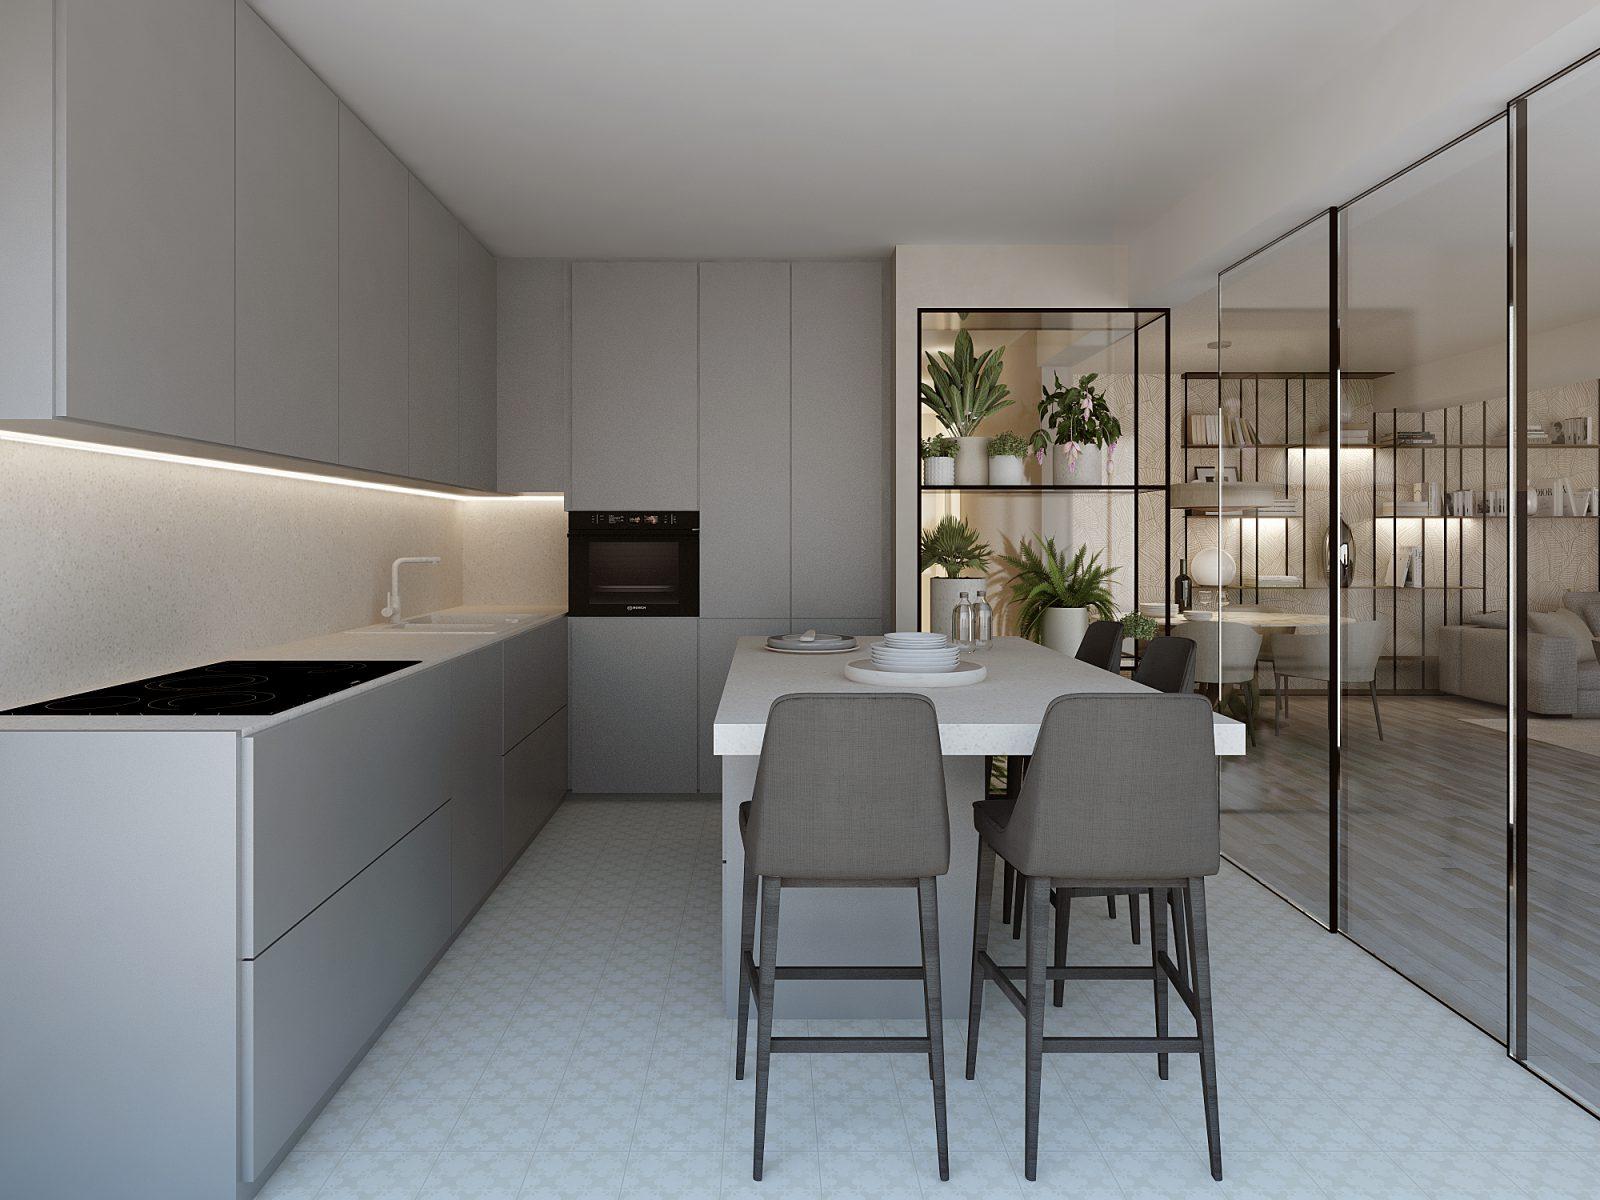 cucina-moderna-a-e1574539441891